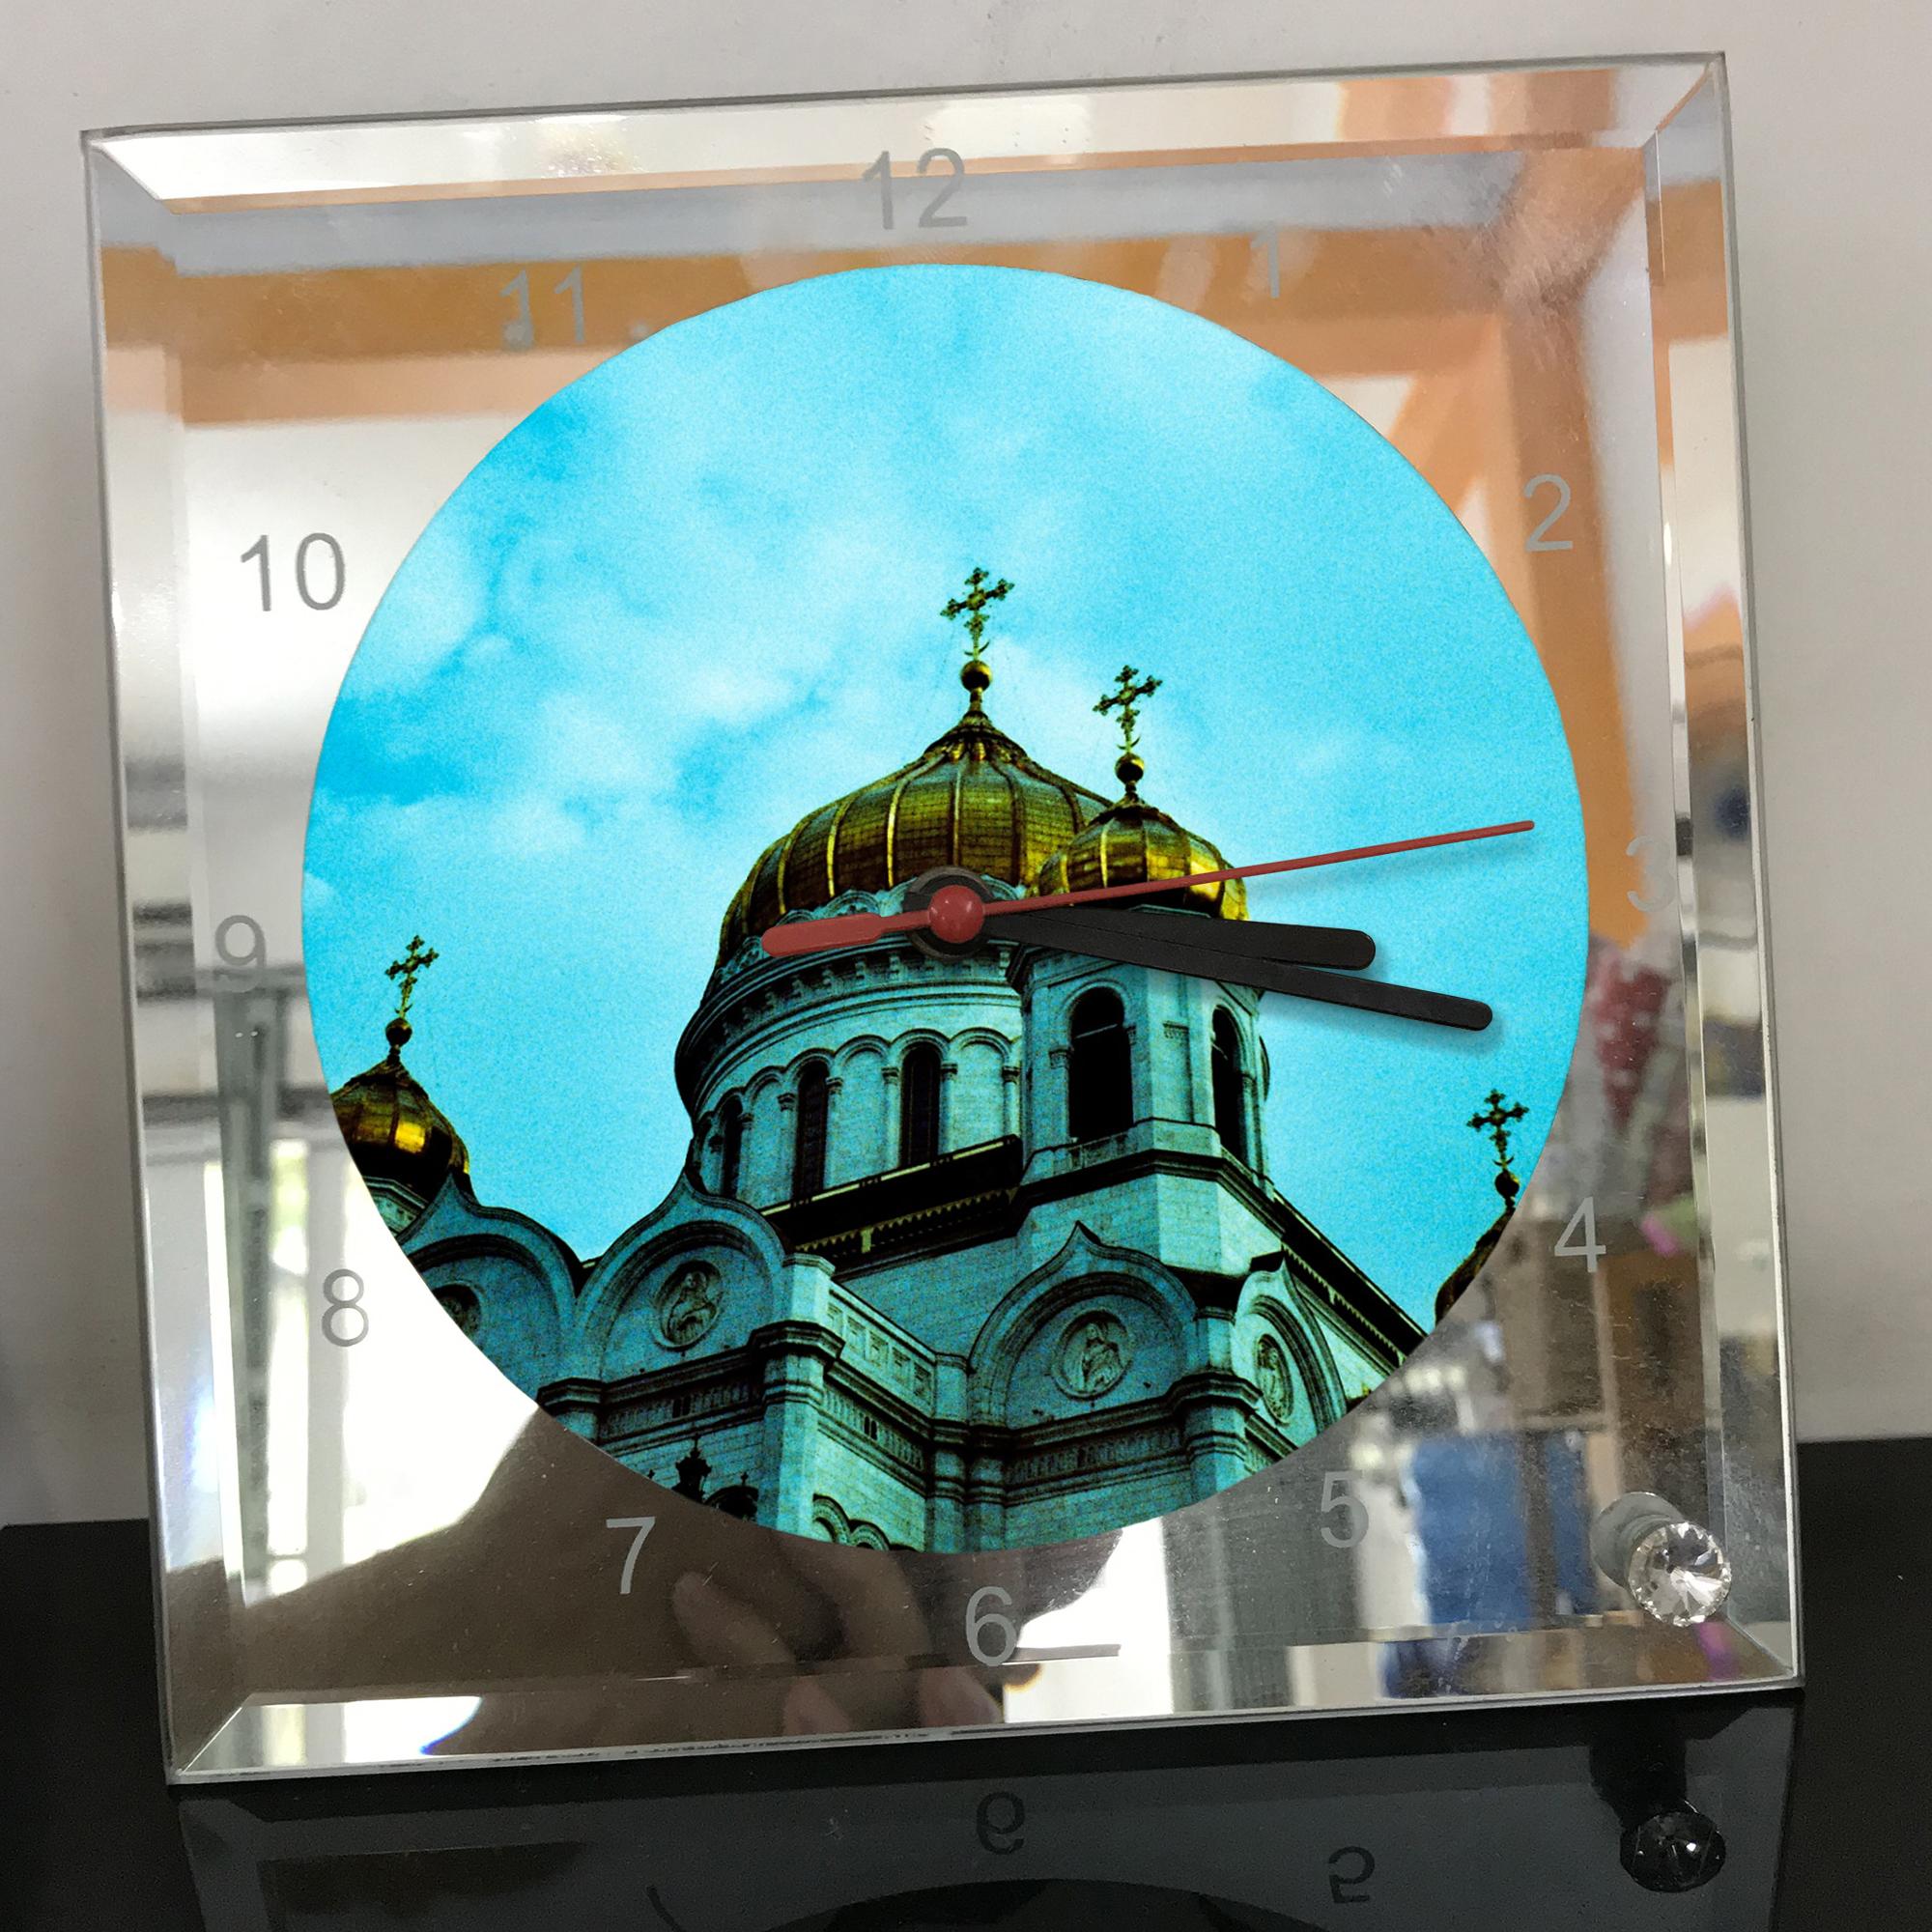 Đồng hồ thủy tinh vuông 20x20 in hình Cathedral Of Christ the saviour (48) . Đồng hồ thủy tinh để bàn trang trí đẹp chủ đề tôn giáo